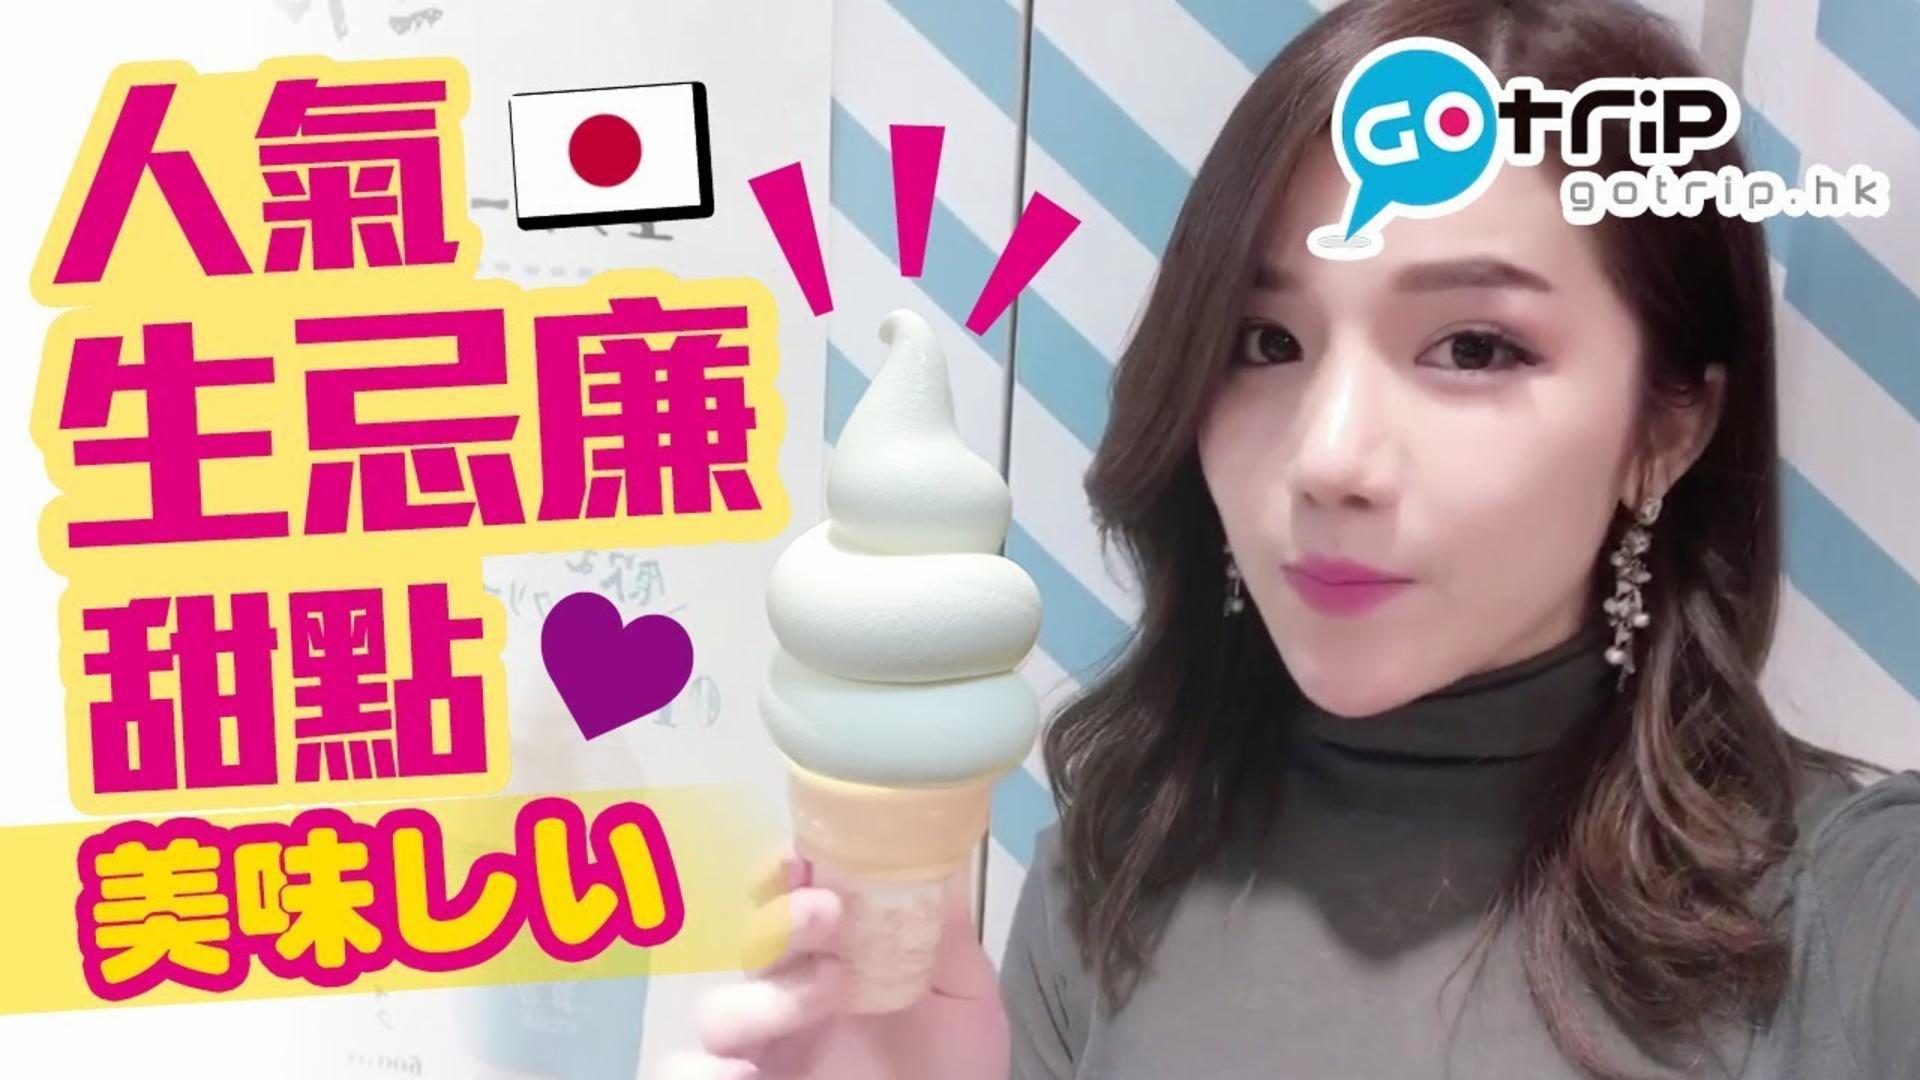 日本 東京新宿 只有當地人知道的飲食熱點【學做日本人】Ep.6